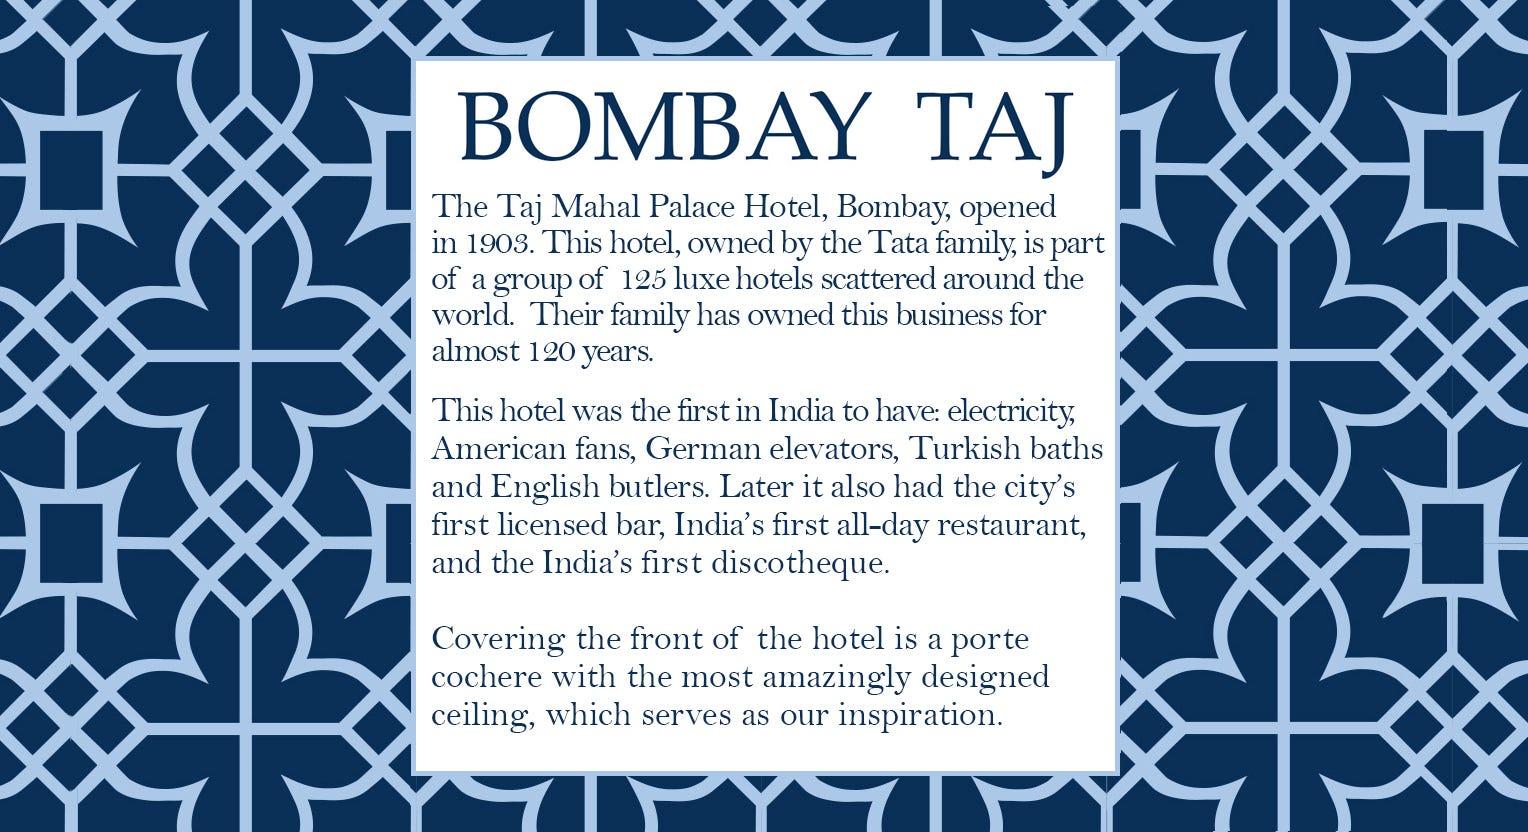 Bombay Taj